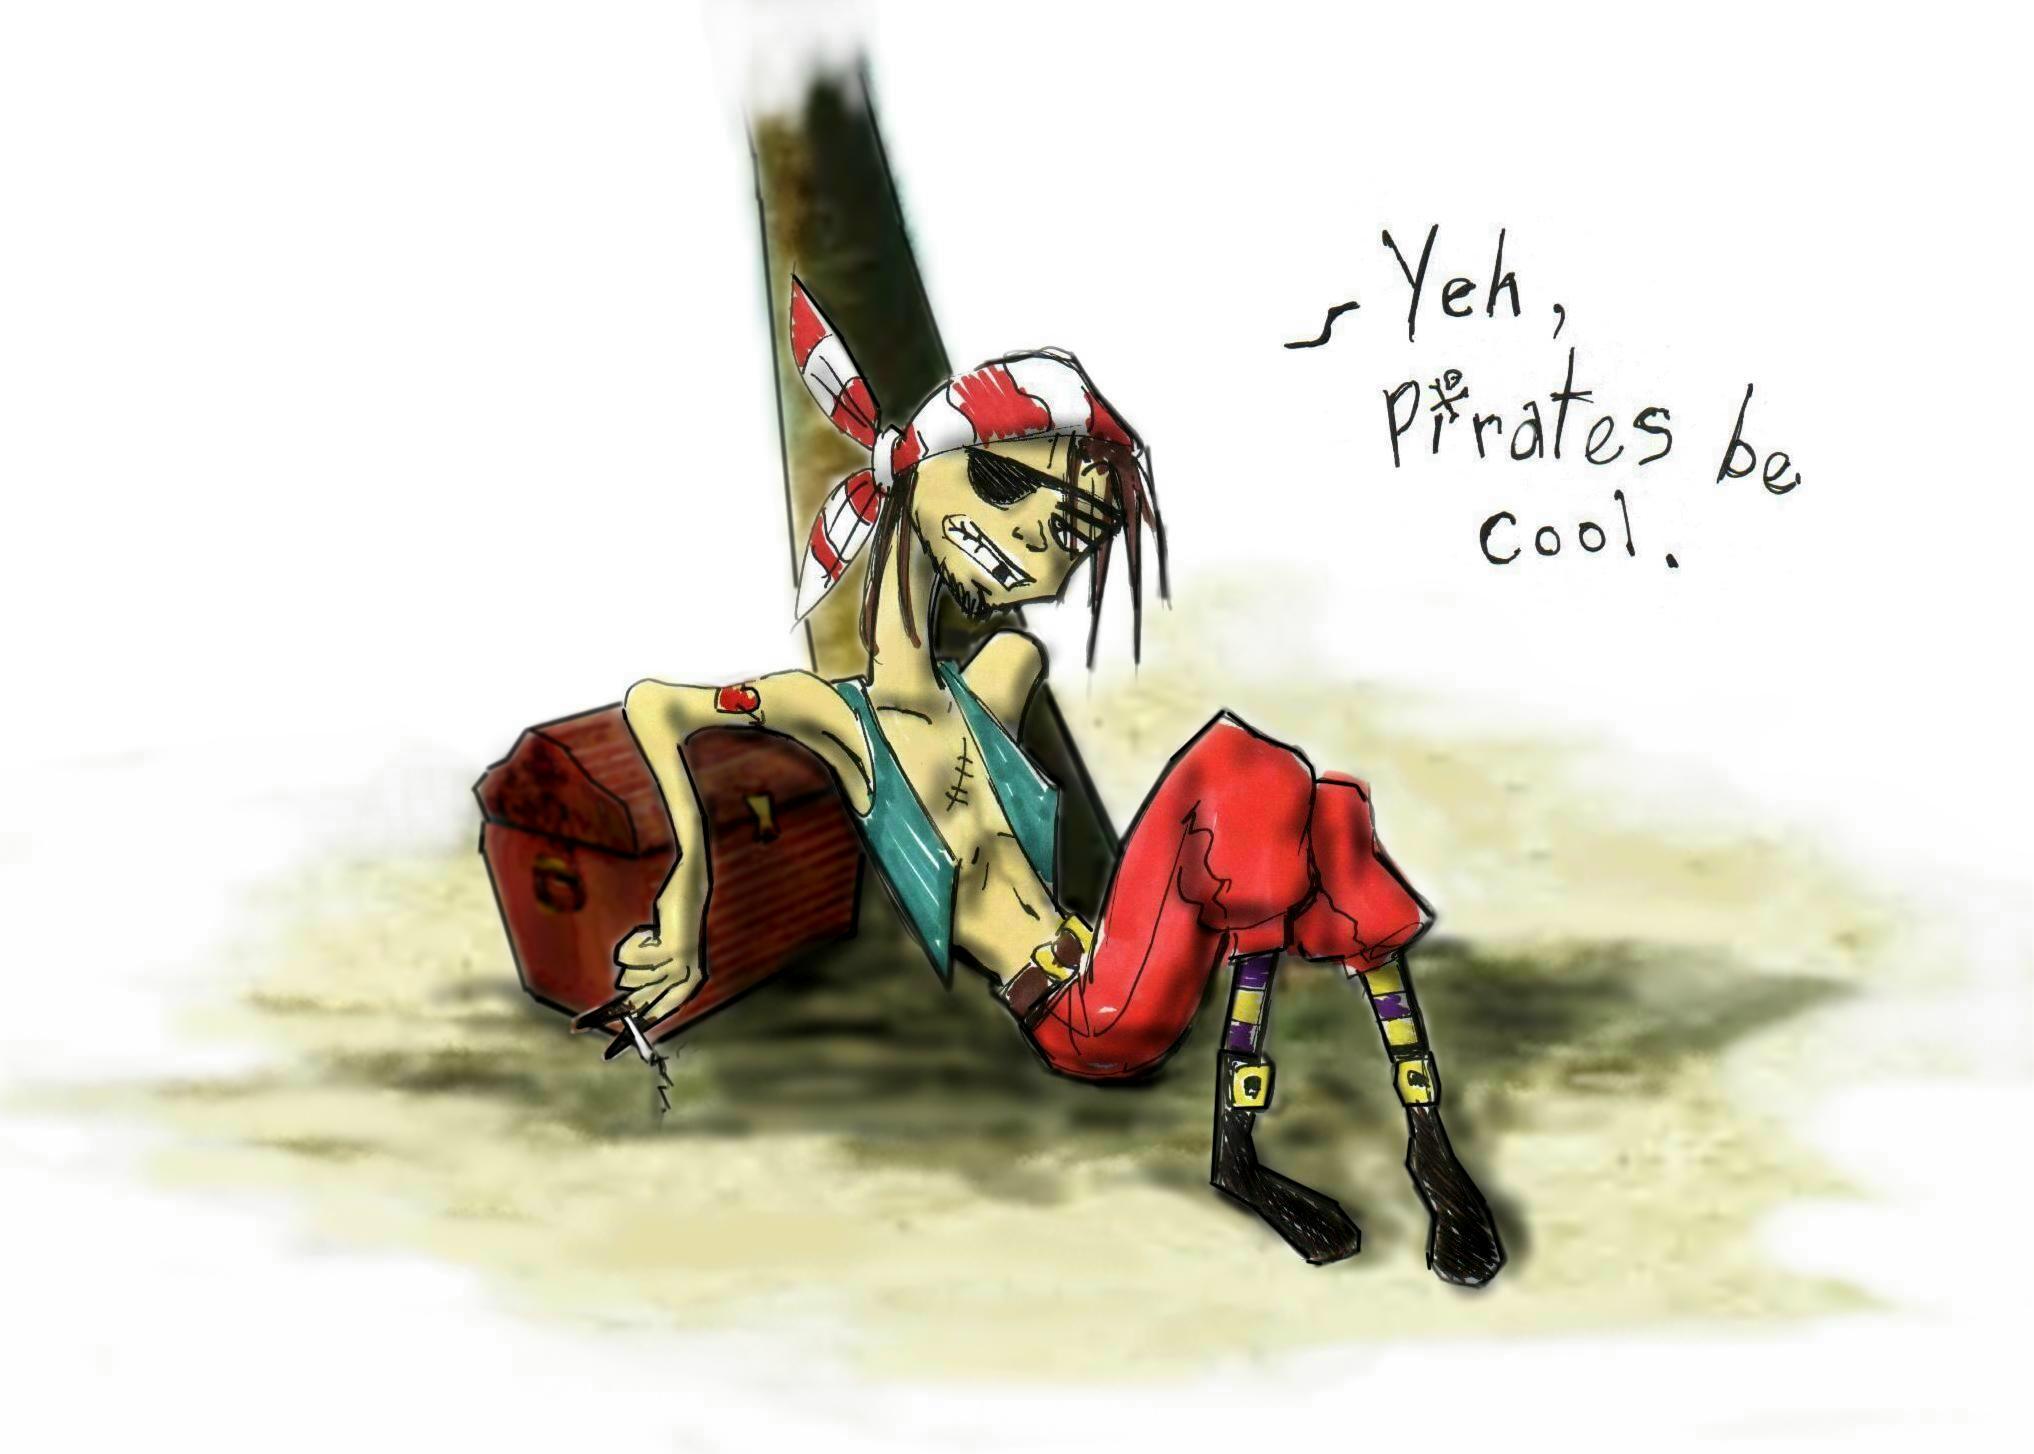 Cool_Pirate_II_by_felegund